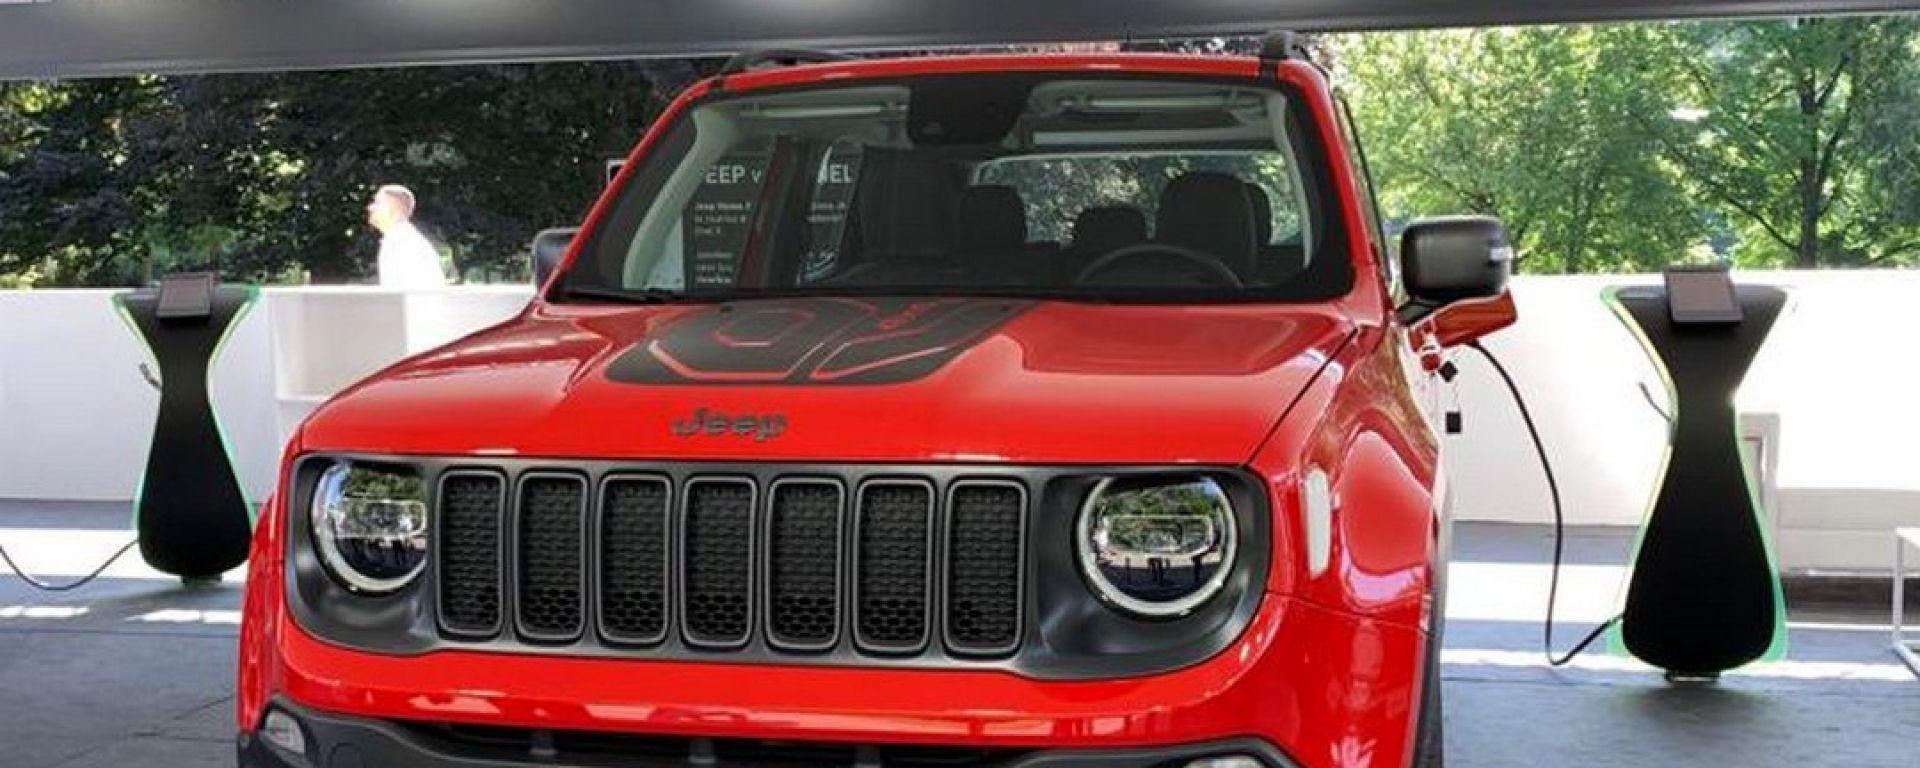 Jeep Renegade 4x4e plug-in hybrid: eccola dal vivo